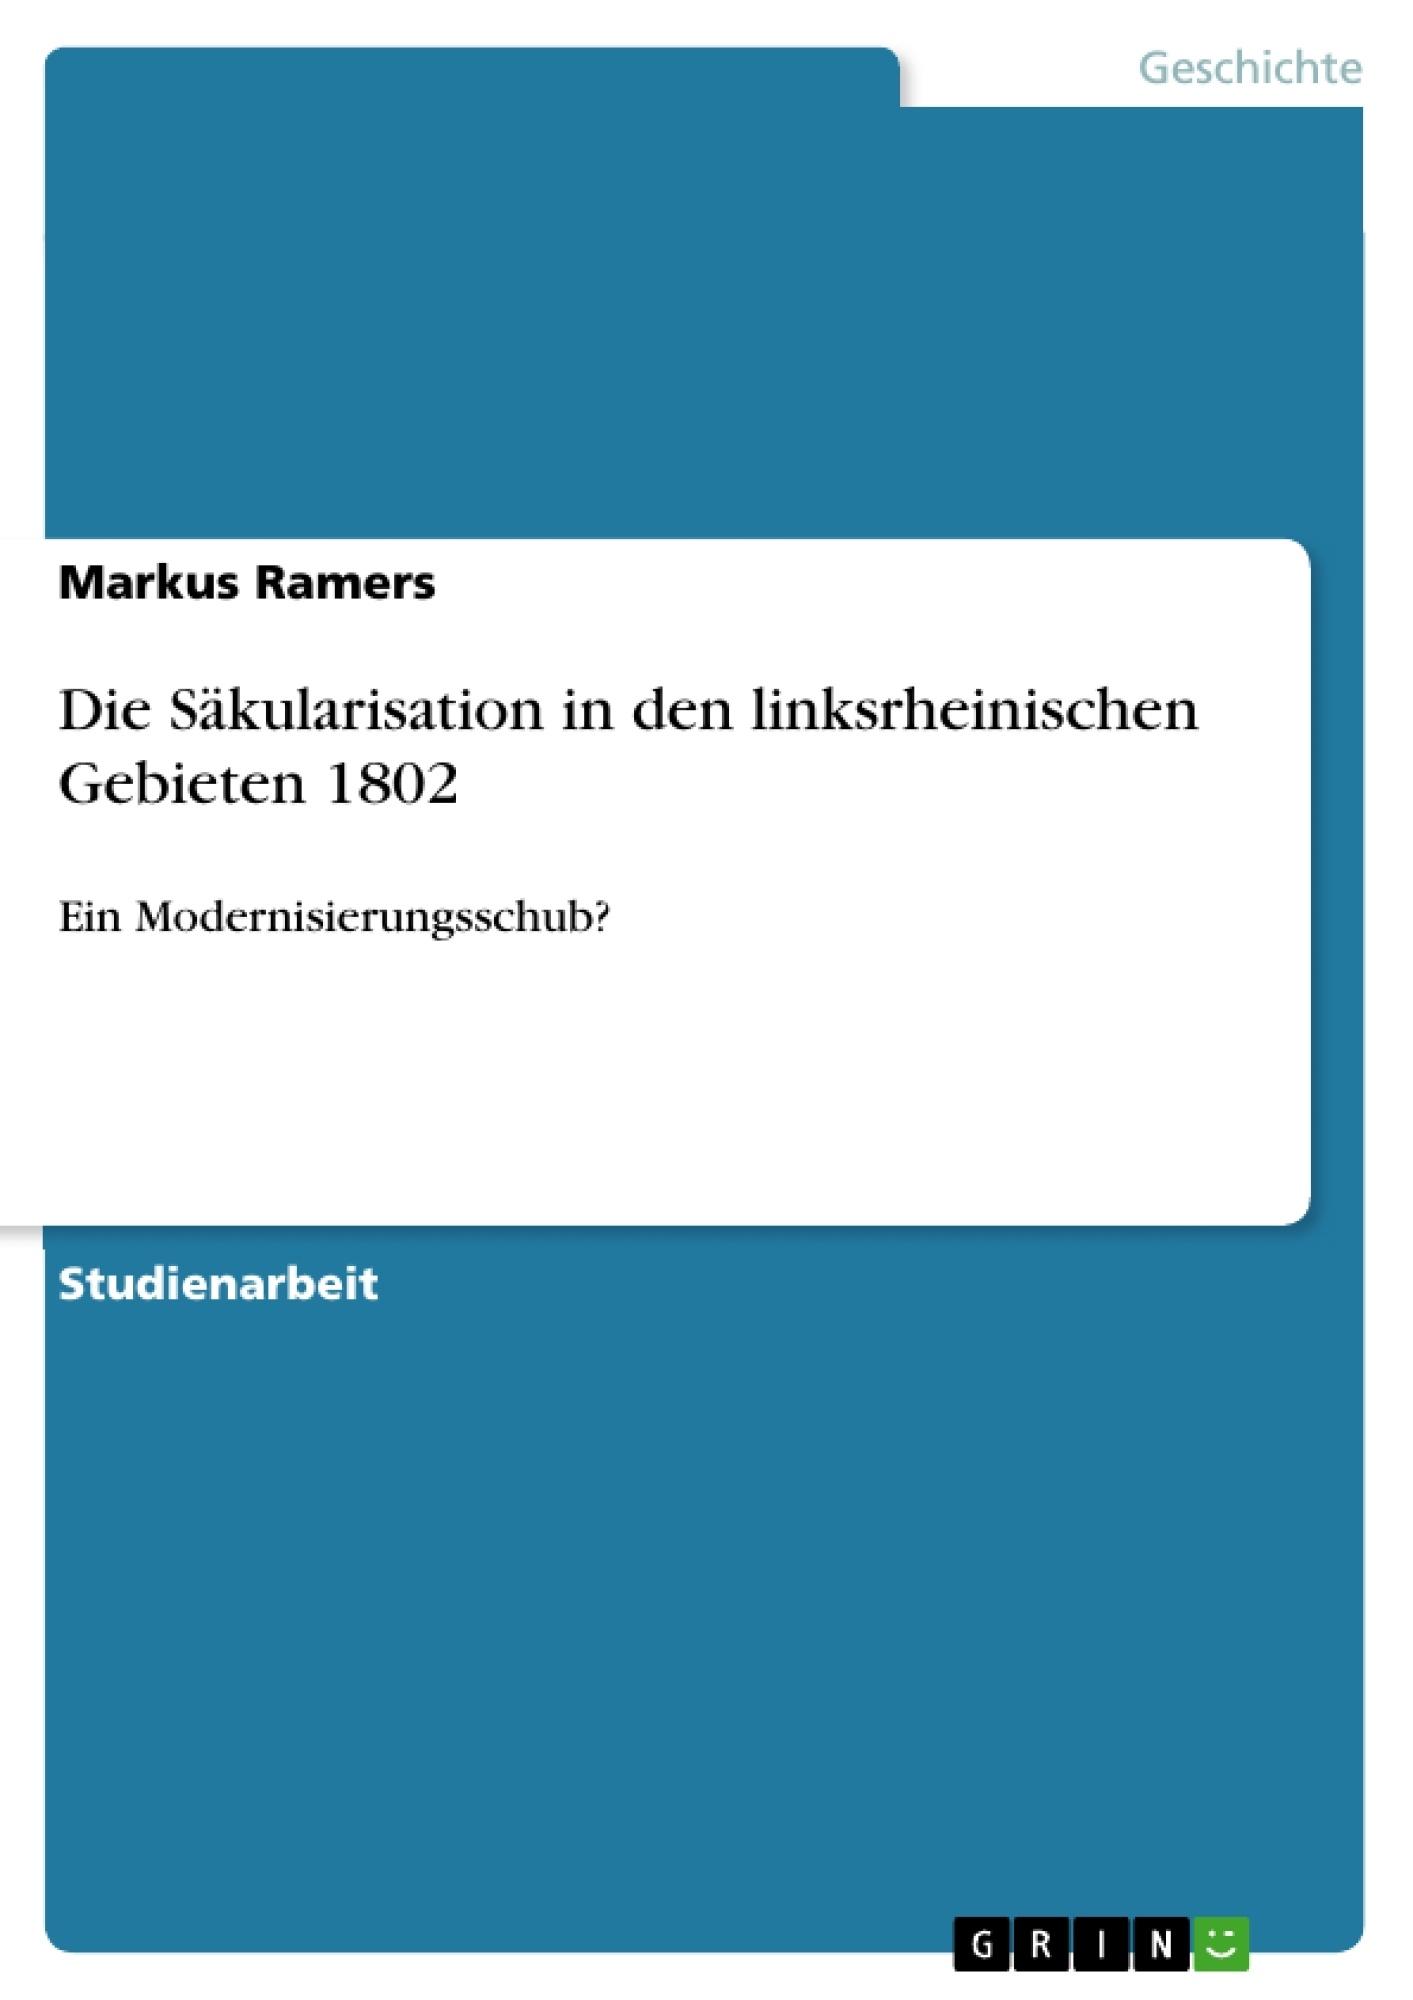 Titel: Die Säkularisation in den linksrheinischen Gebieten 1802